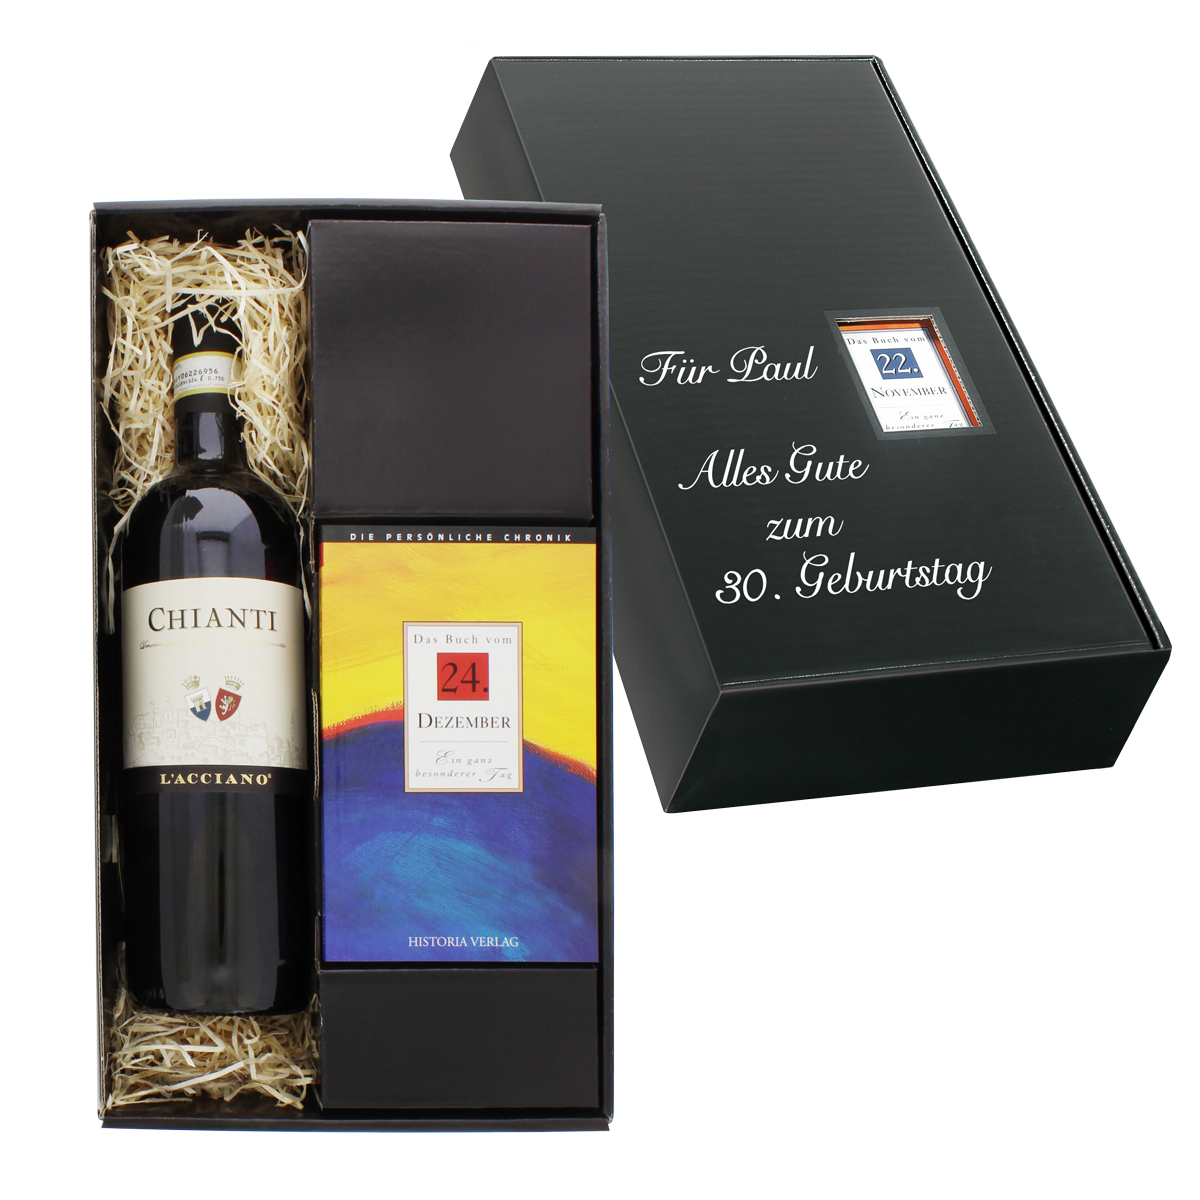 Italien-Set: Tageschronik vom 13. Juni & Chianti-Wein